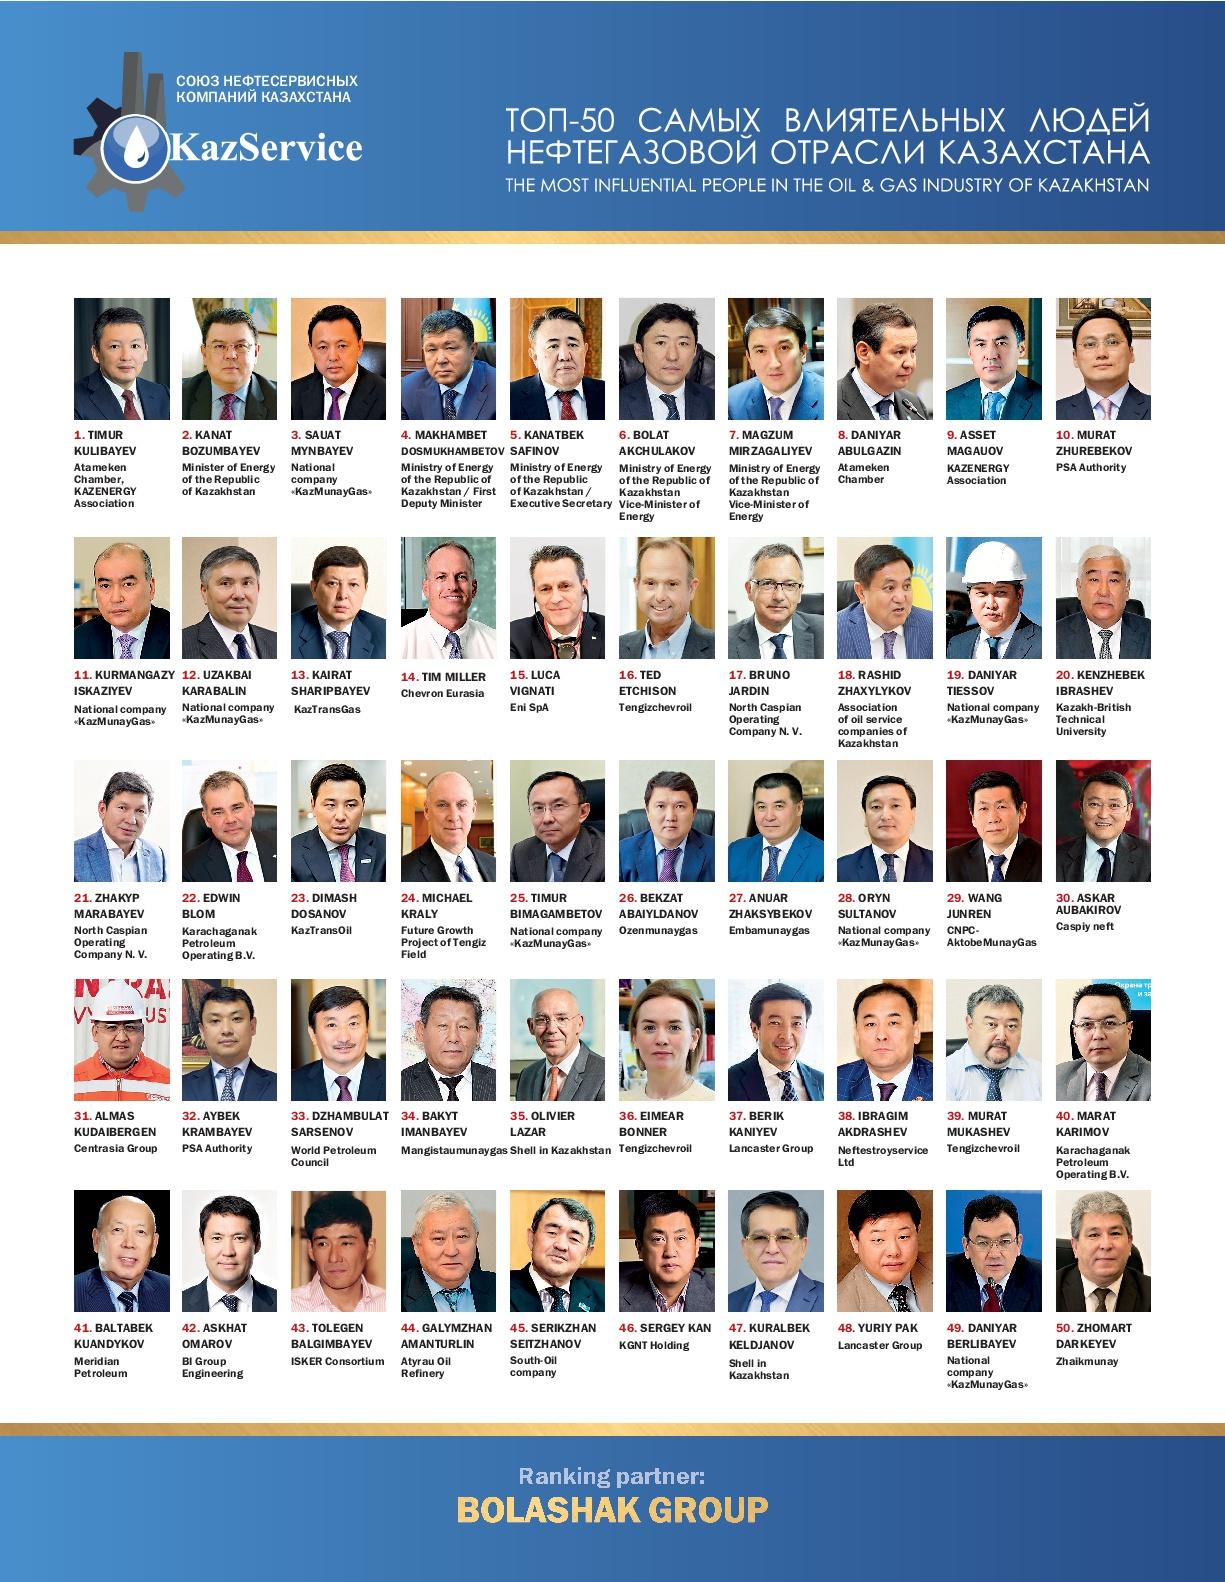 Определен ТОП-50 самых влиятельных людей нефтегазовой отрасли Казахстана